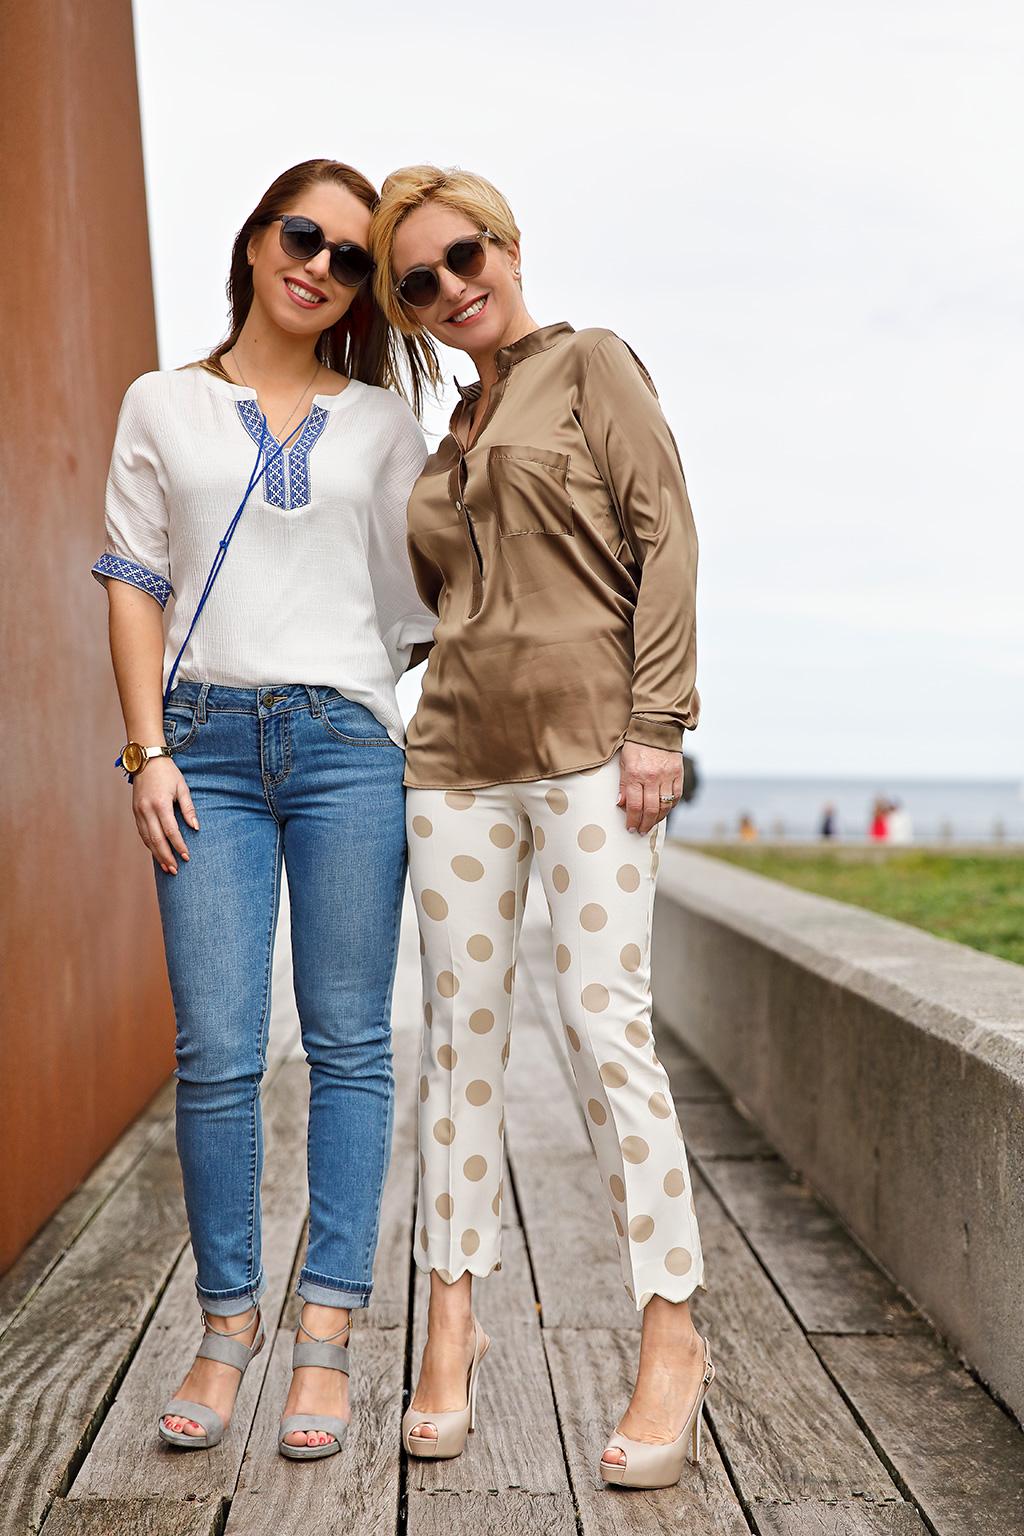 Eugenia Arrieta y Ane Arrieta posando para Muselines con prendas de Lali Badiola, El Hangar de Sophie y gafas de Minzu Óptica. Maquillaje y peluquería por Marta G estilismo.